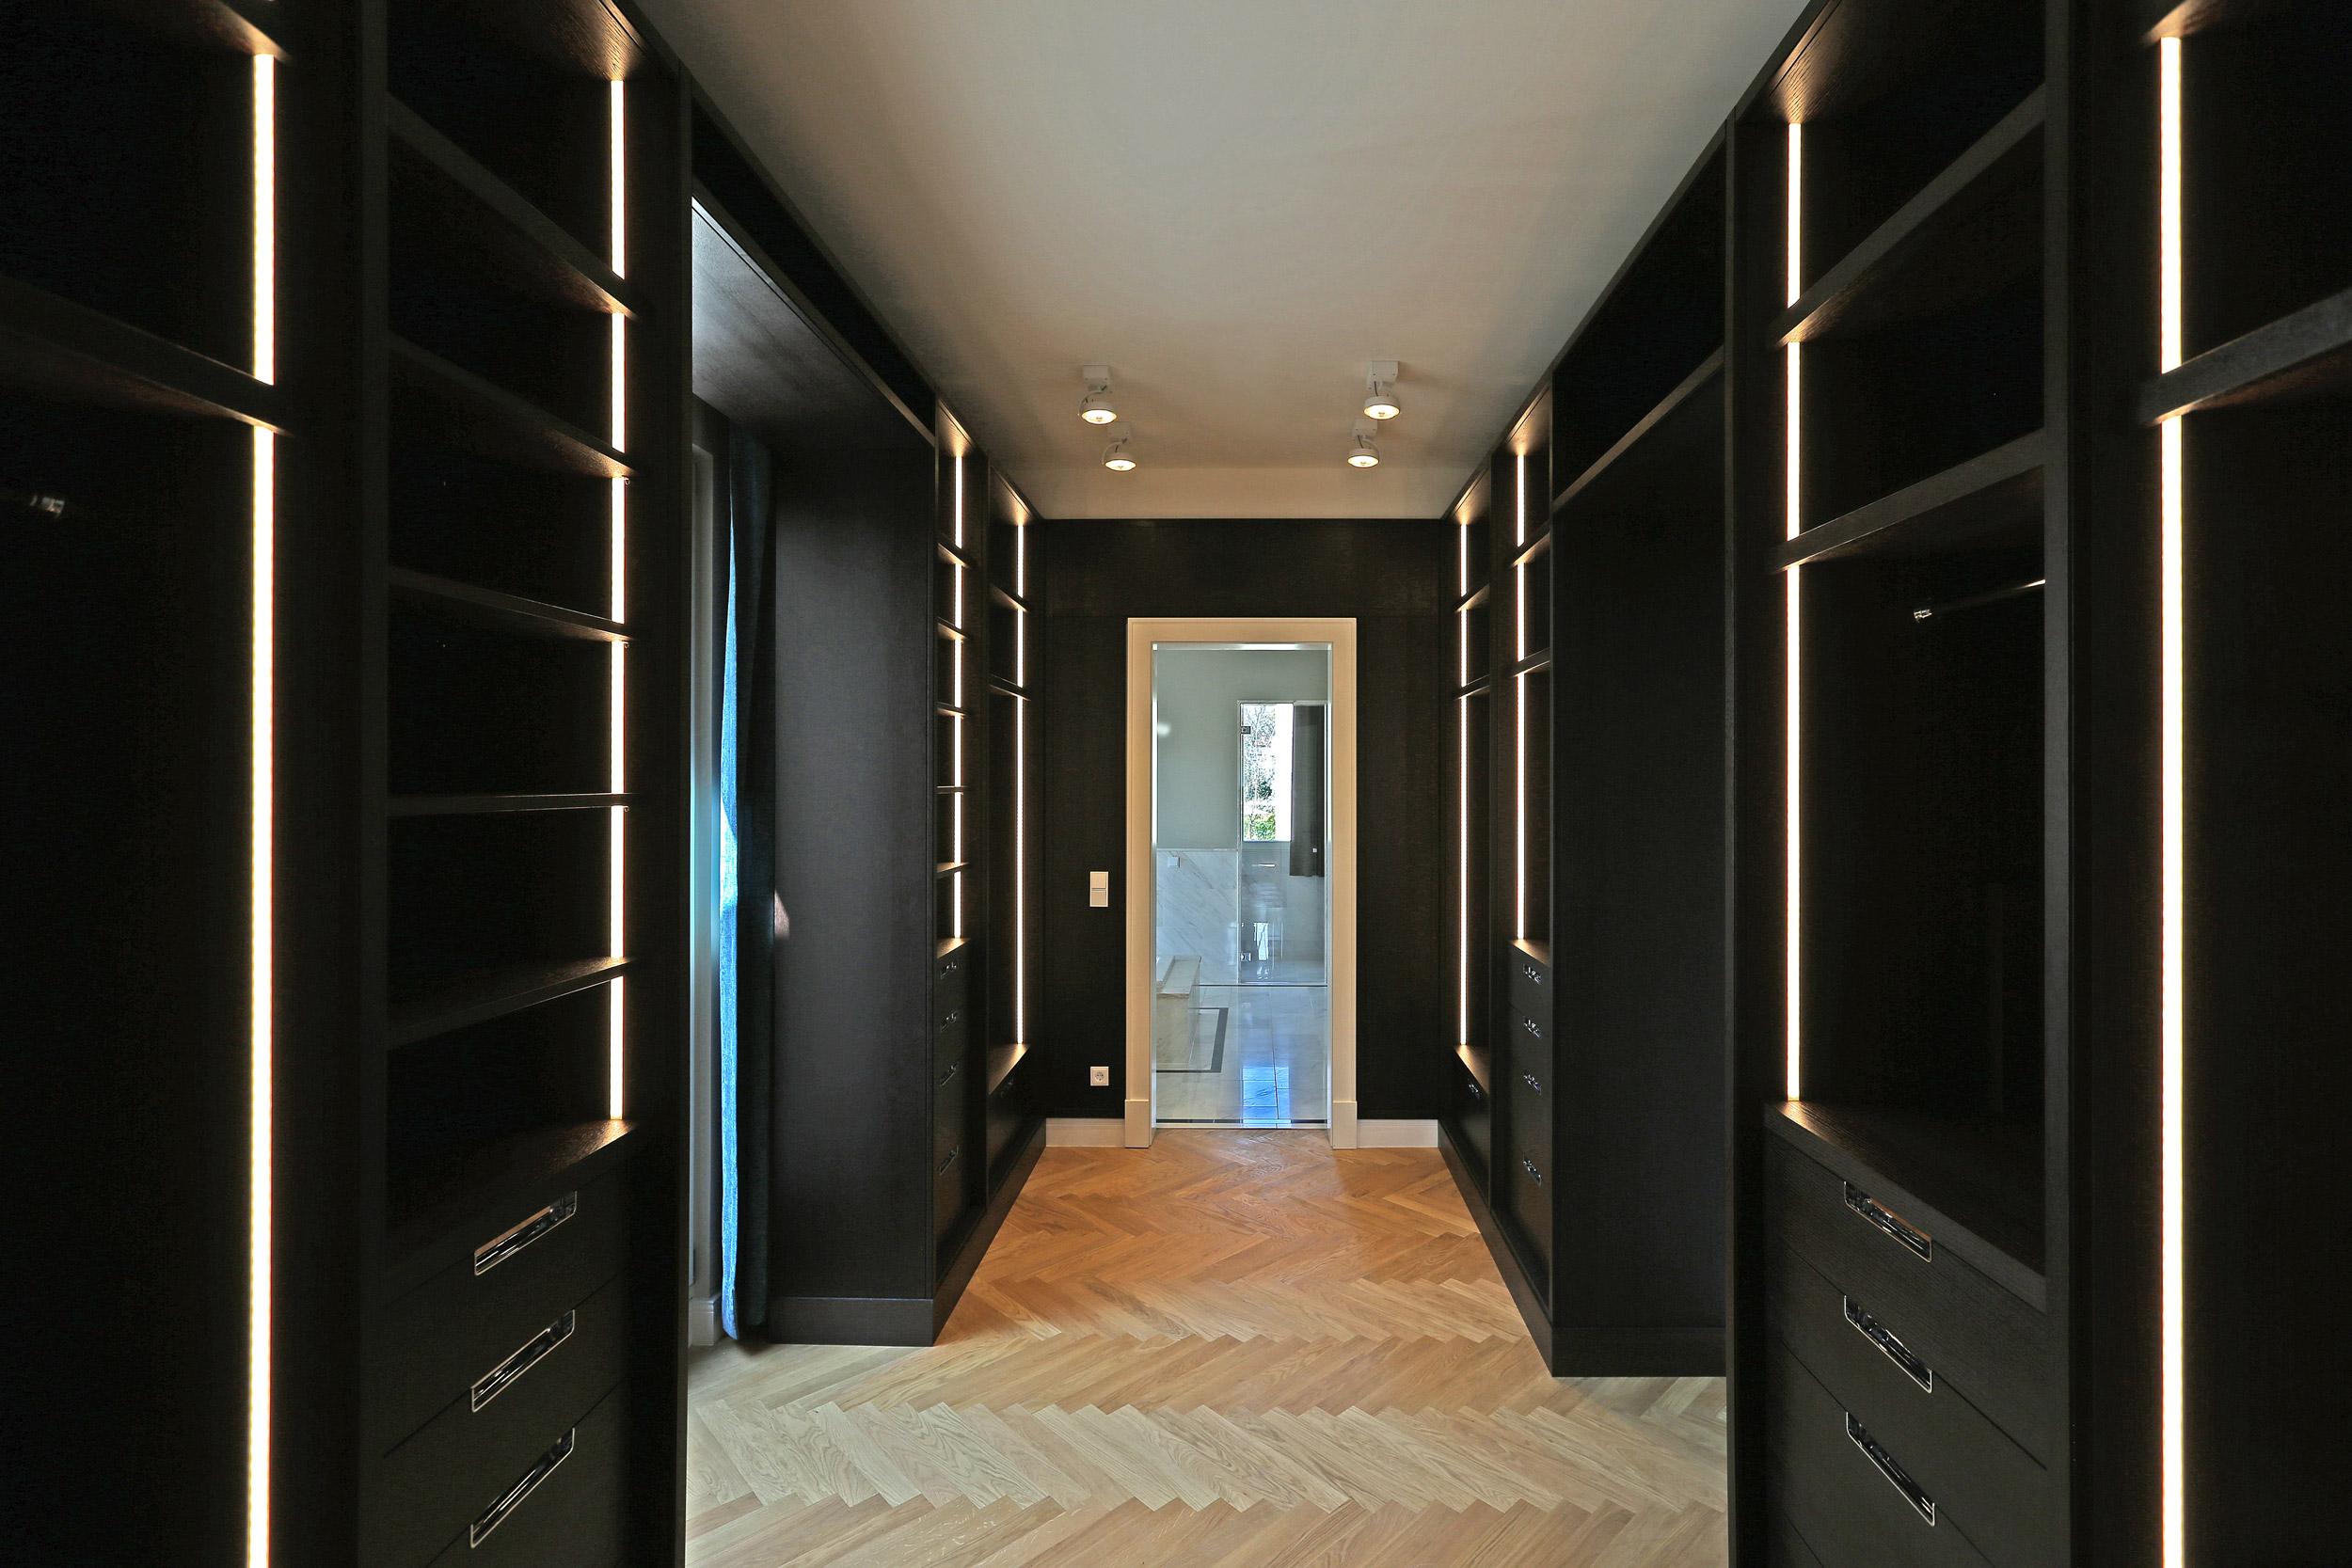 Neubau einer Villa im Klassik-Stil in Potsdam - Die Möbelausbauten der Ankleide sind eine Spezialanfertigung aus Massivholz.